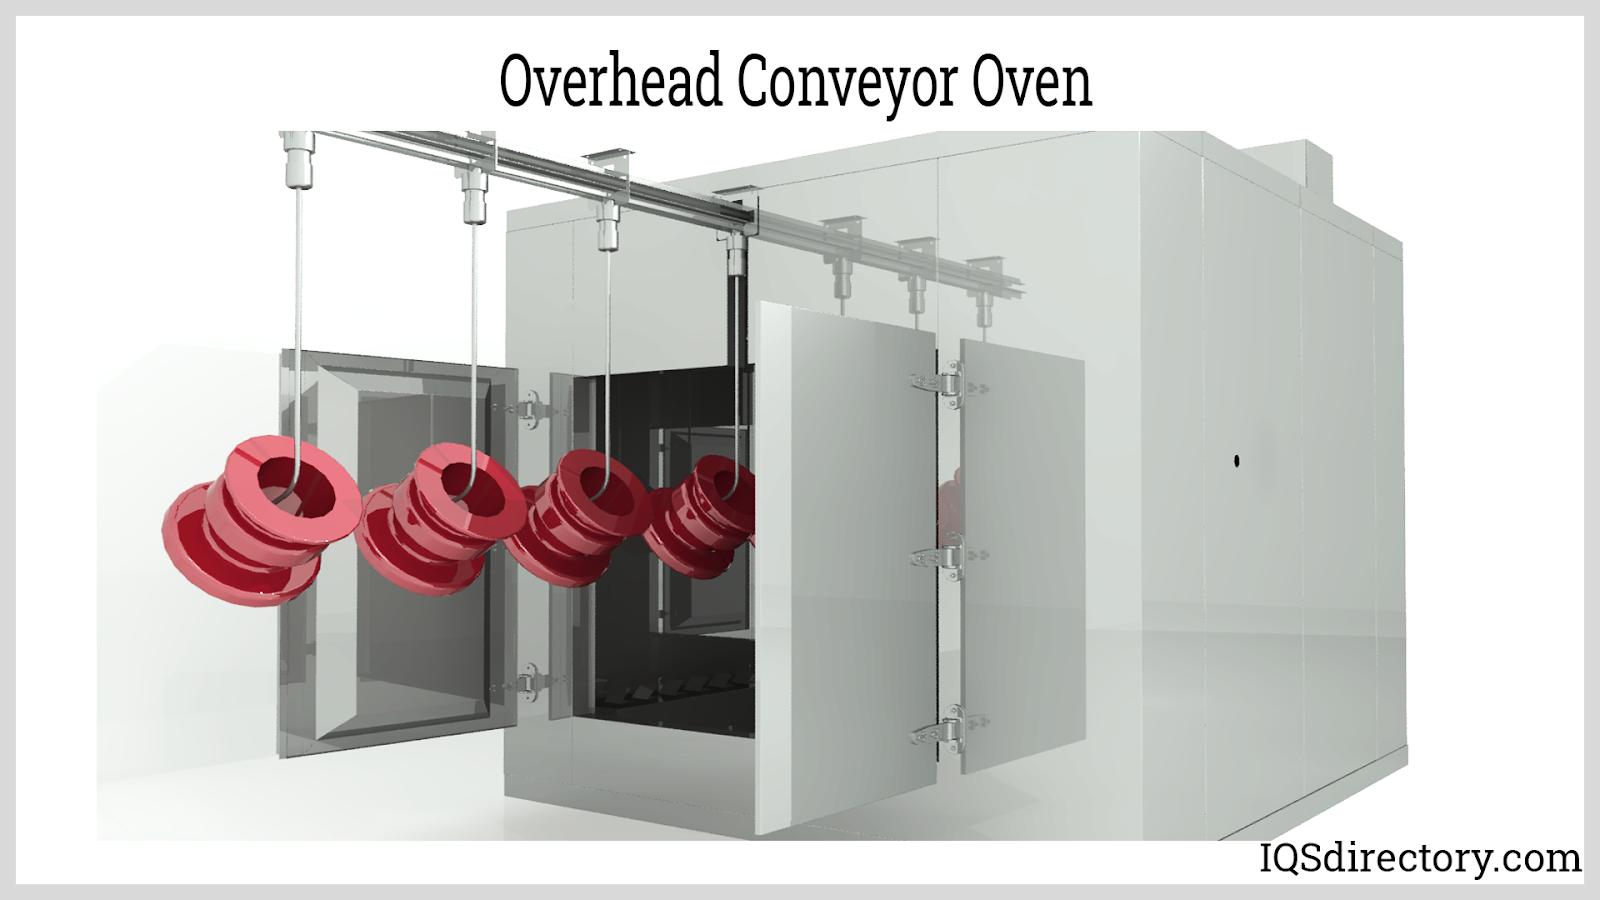 Overhead Conveyor Oven